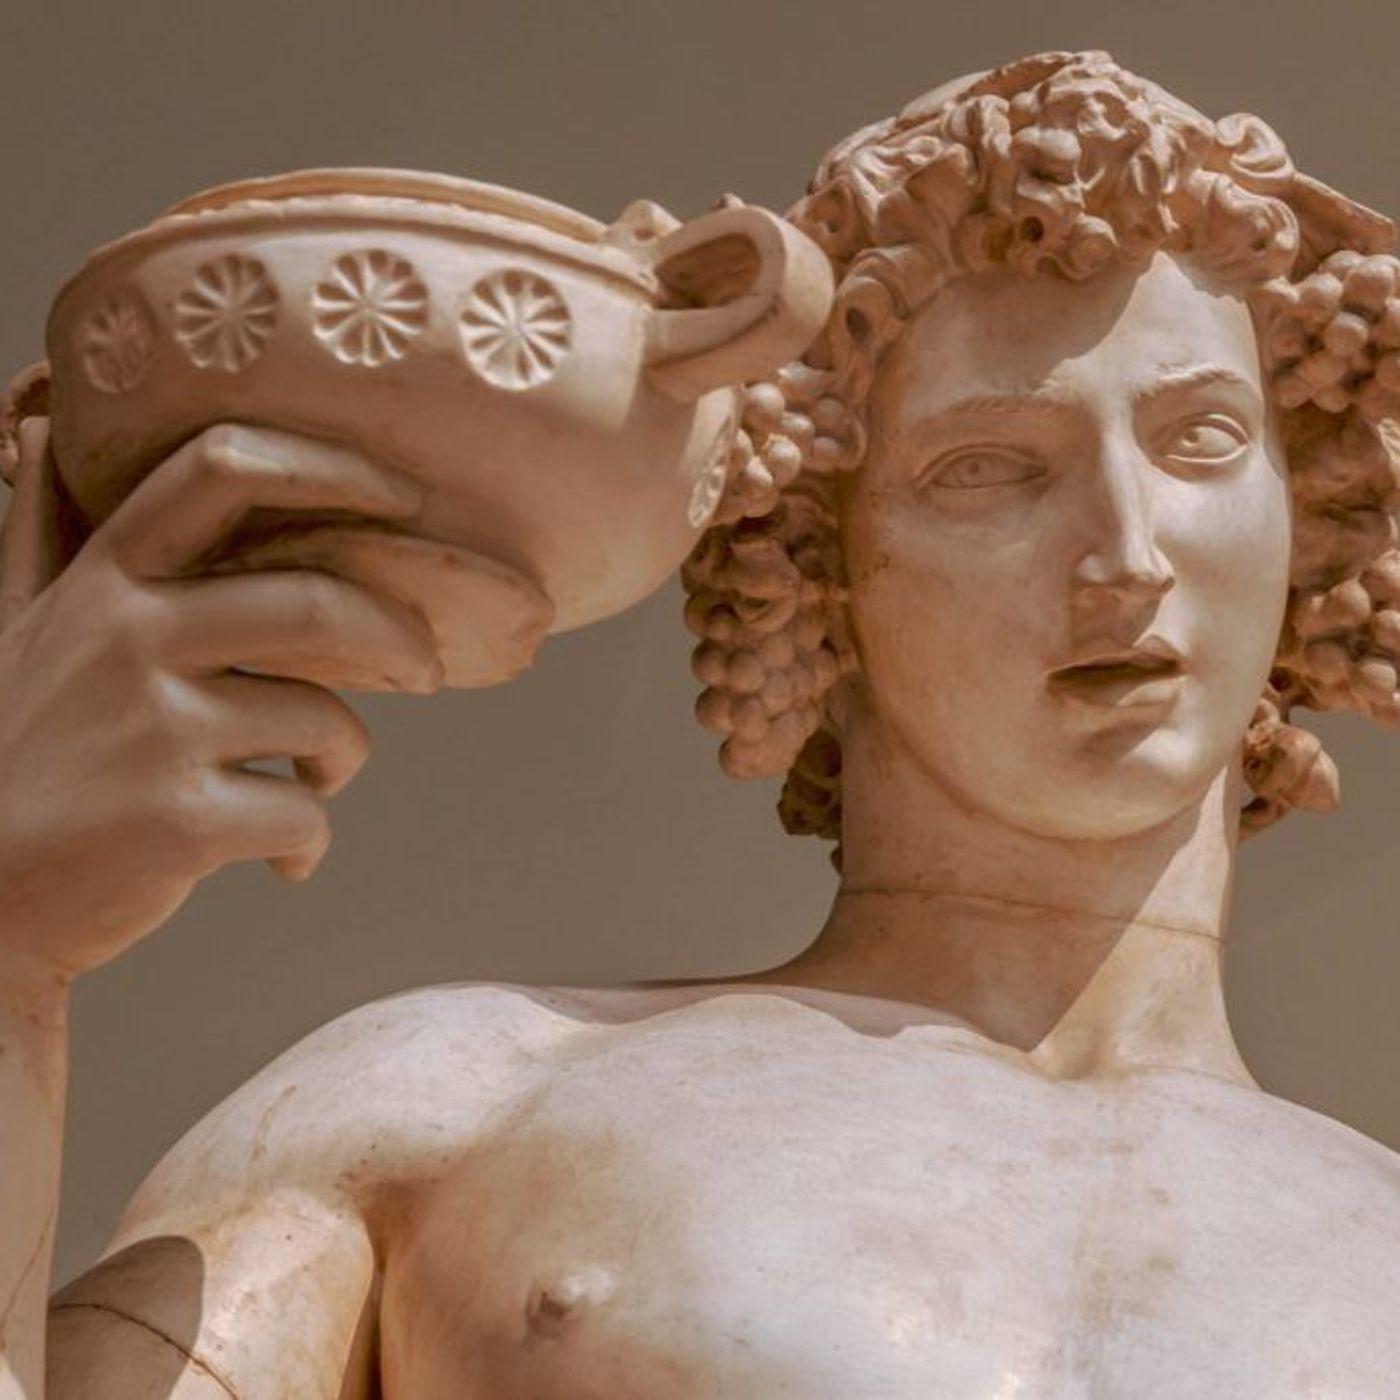 El mito de Dionisos y significado oculto